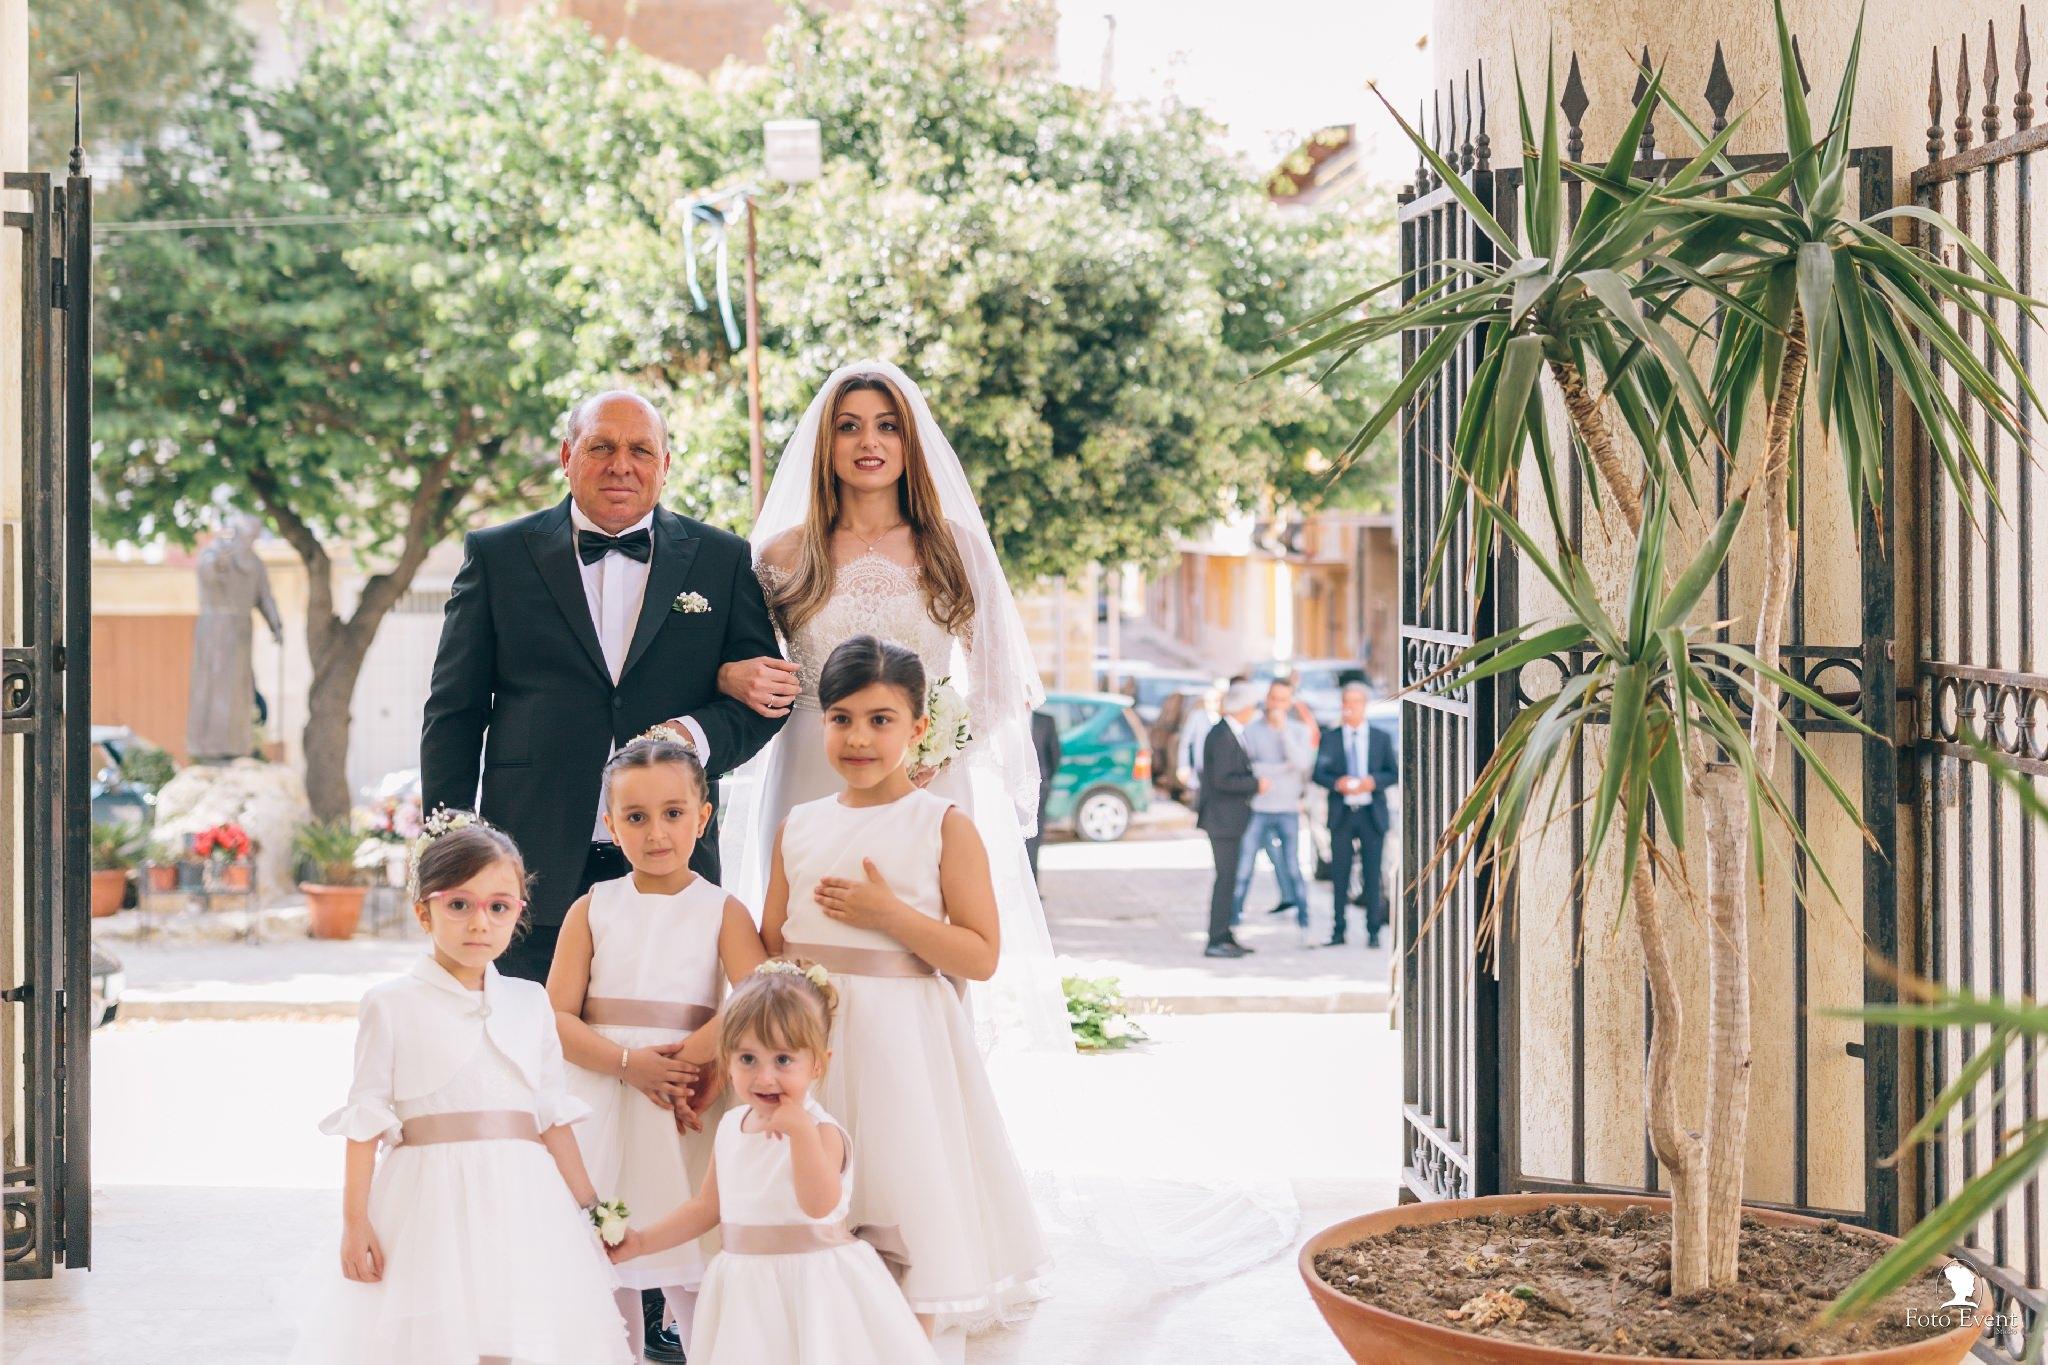 428-2019-05-09-Matrimonio-Maria-Concetta-e-Daniel-Gebbia-35mm-498